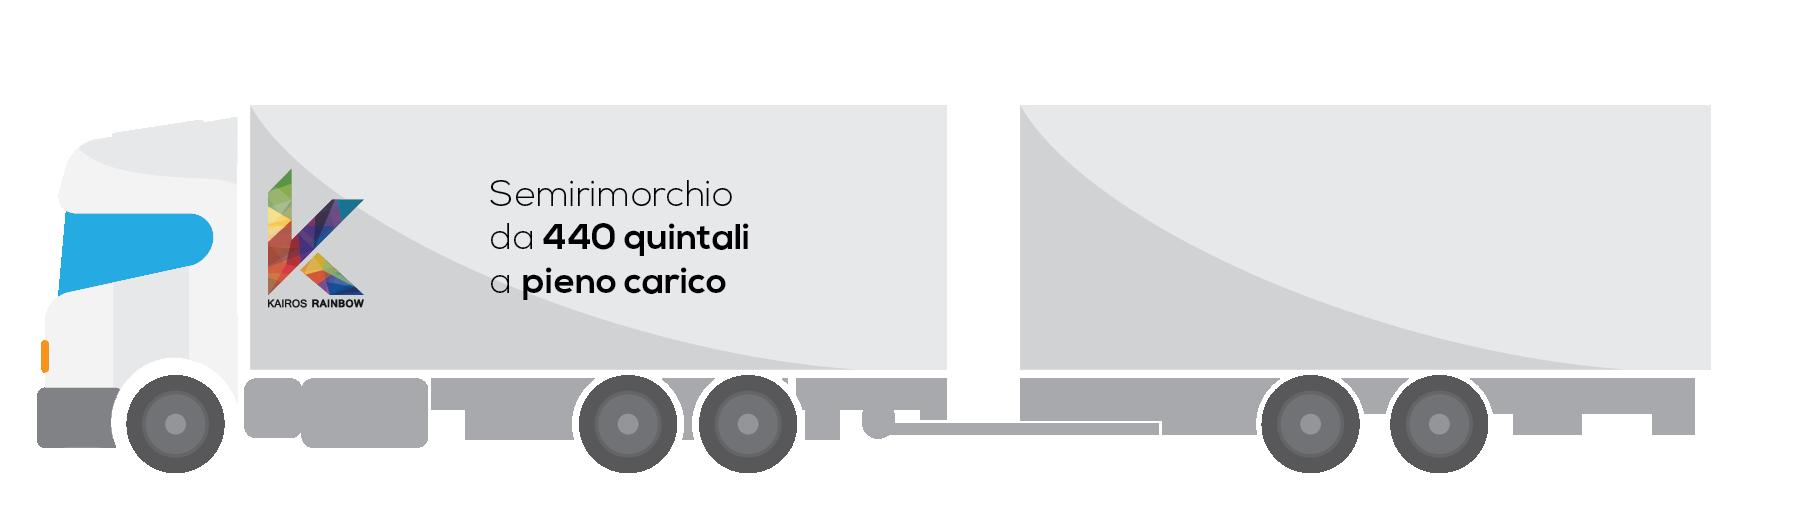 La nostra flotta per i tuoi trasporti Roma e Italia 27f4839e9fae